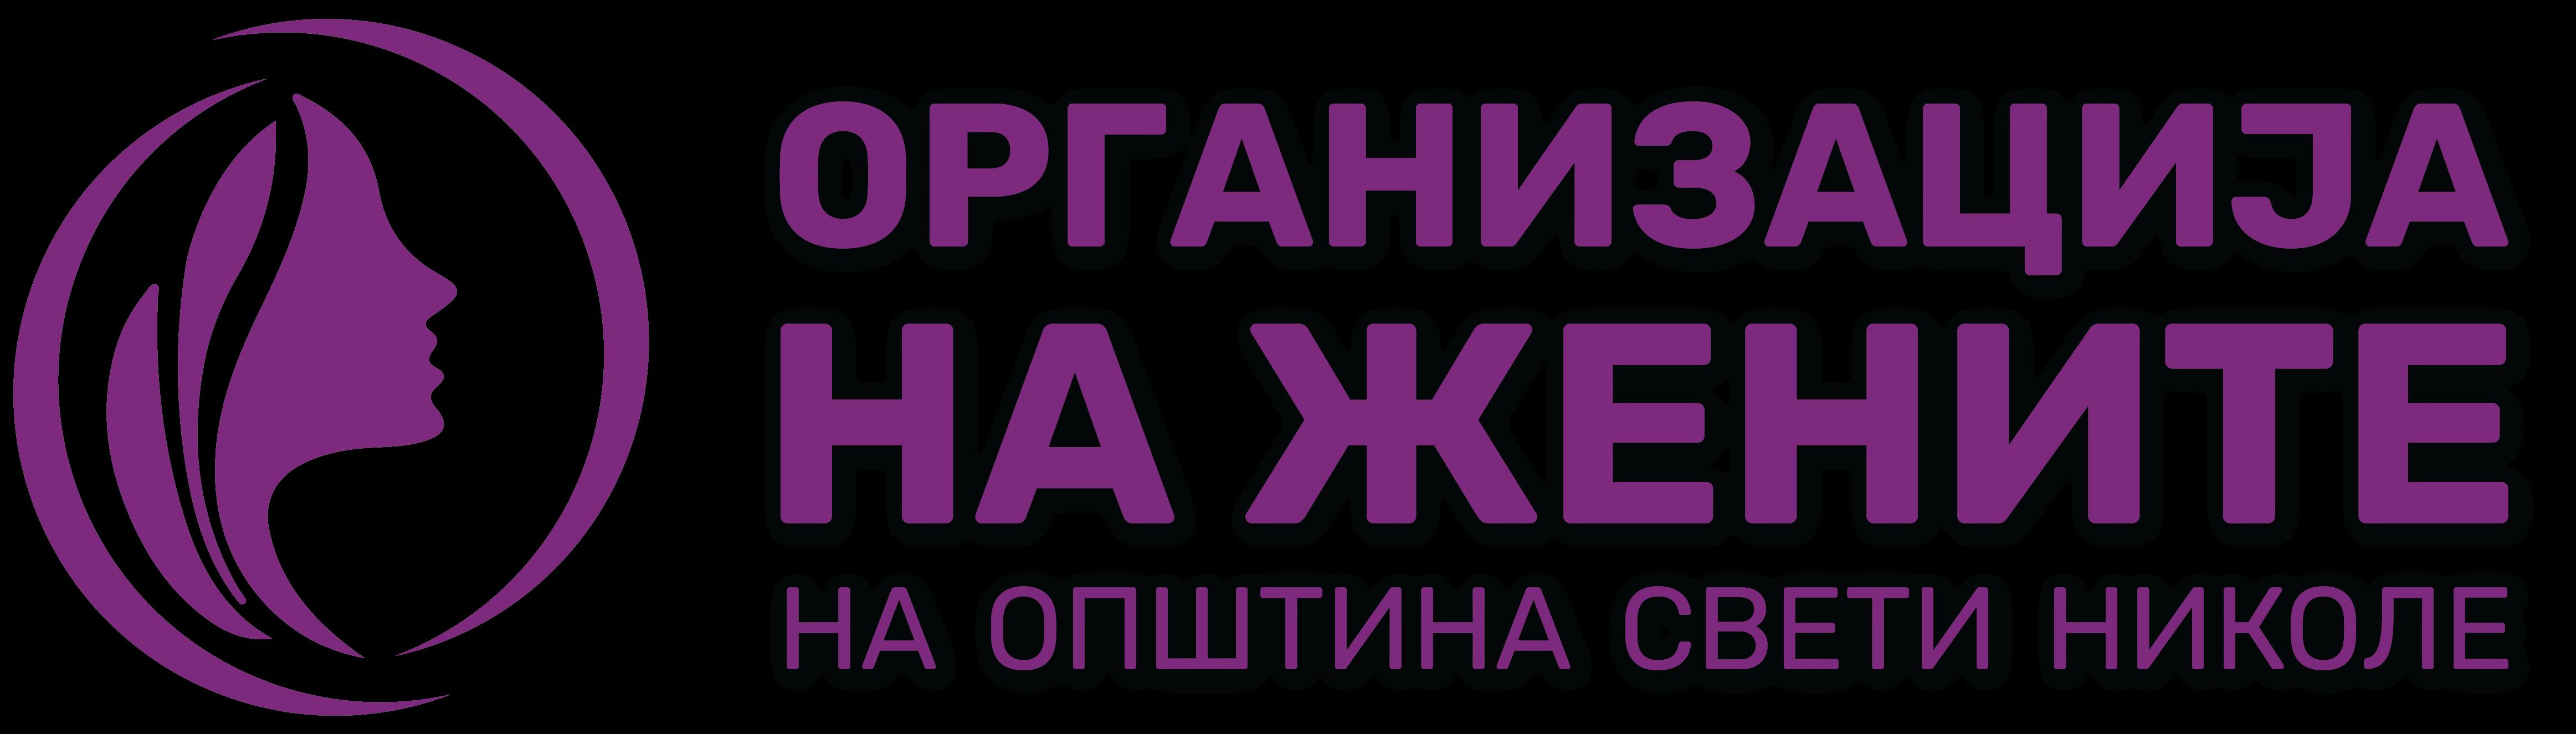 Организација на жените на општина Свети Николе